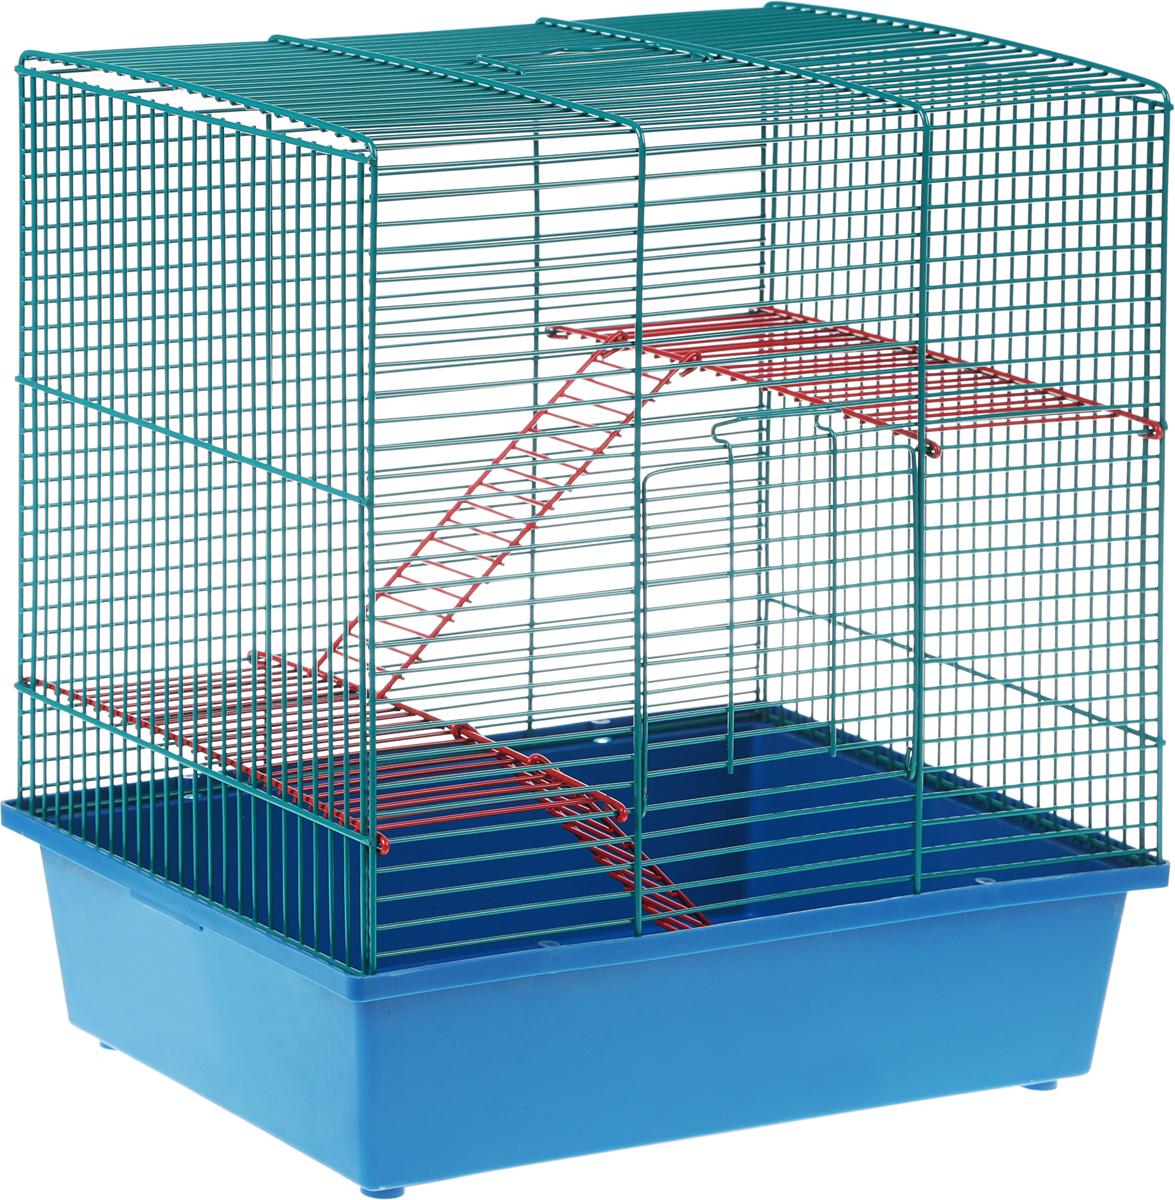 Клетка для грызунов Велес Lusy Hamster-3, 3-этажная, 35 х 26 х 40 см310Качественные и красивые клетки Велес для грызунов дадут вам и вашему любимцу уверенность в том, что у него есть свой дом, в котором комфортно и удобно.